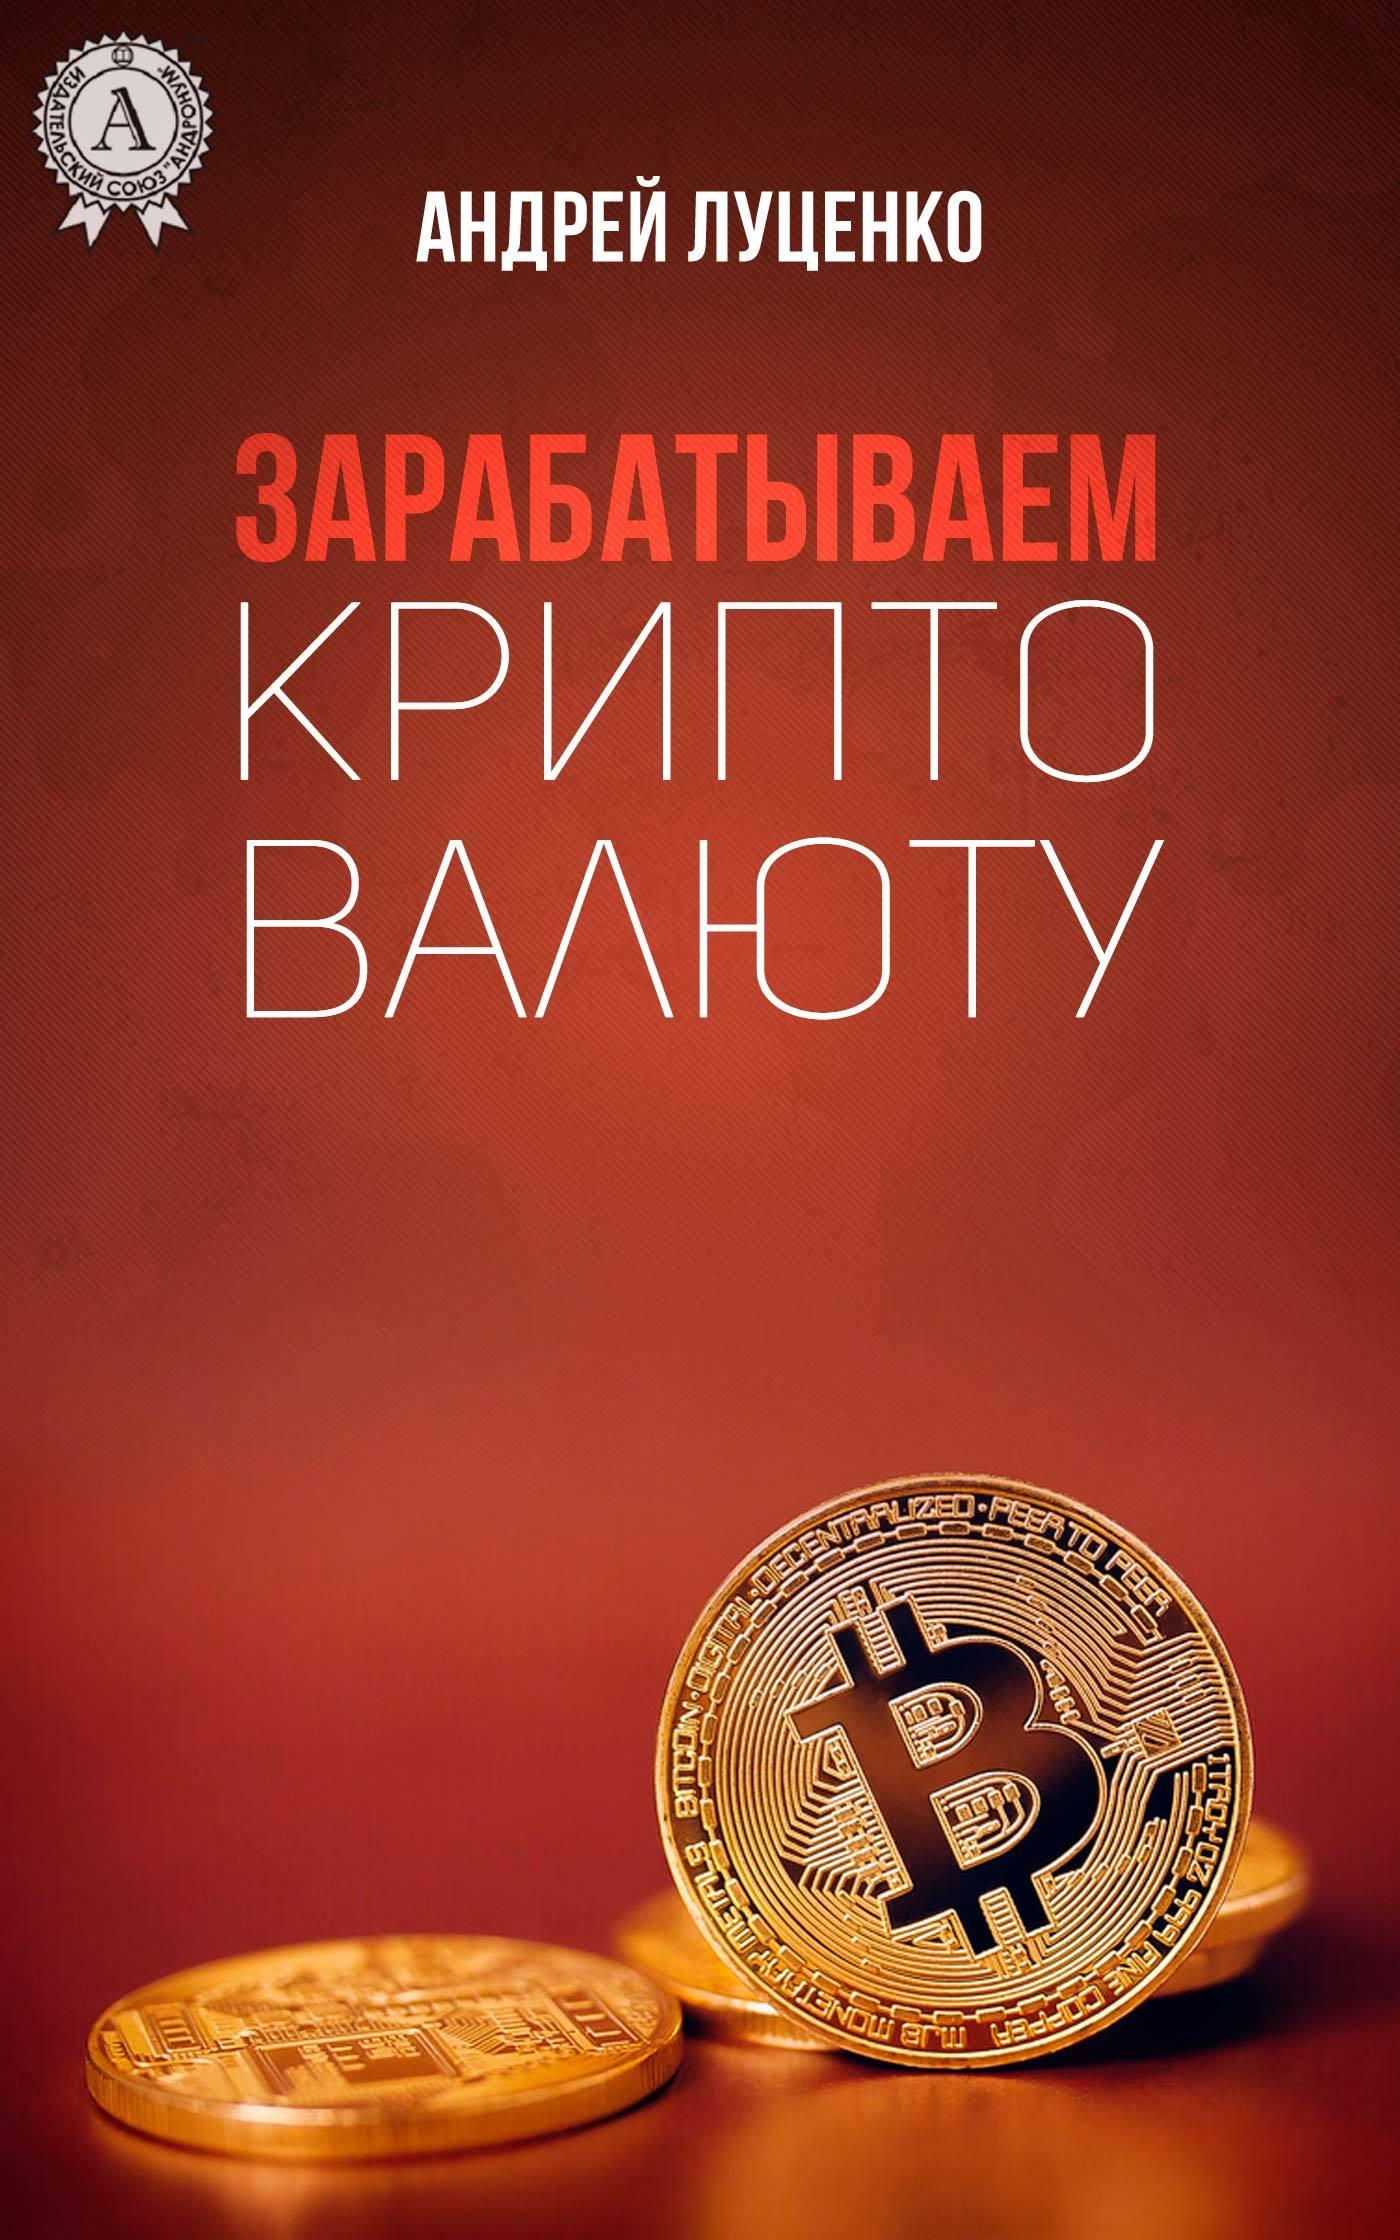 Андрей Луценко. Зарабатываем криптовалюту